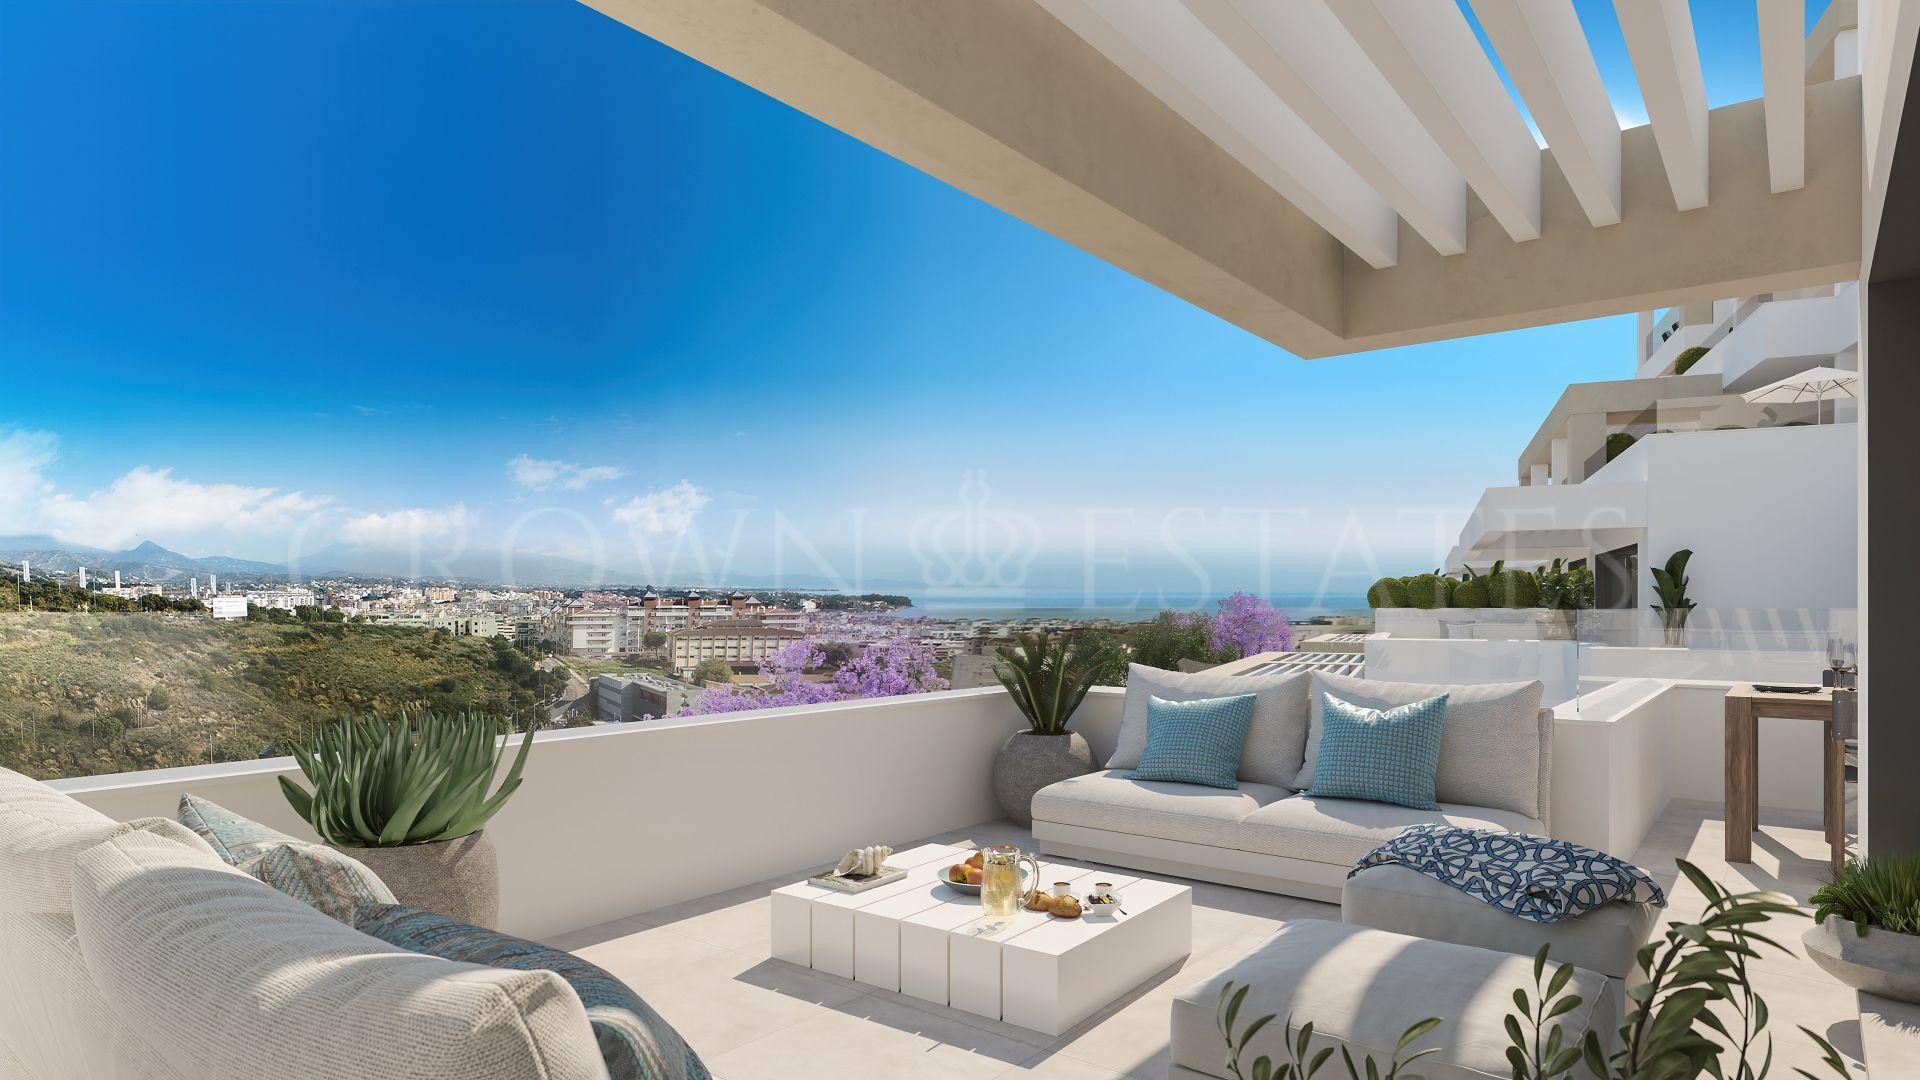 South Bay Las Mesas III, contemporary apartments overlooking the Mediterranean in Estepona